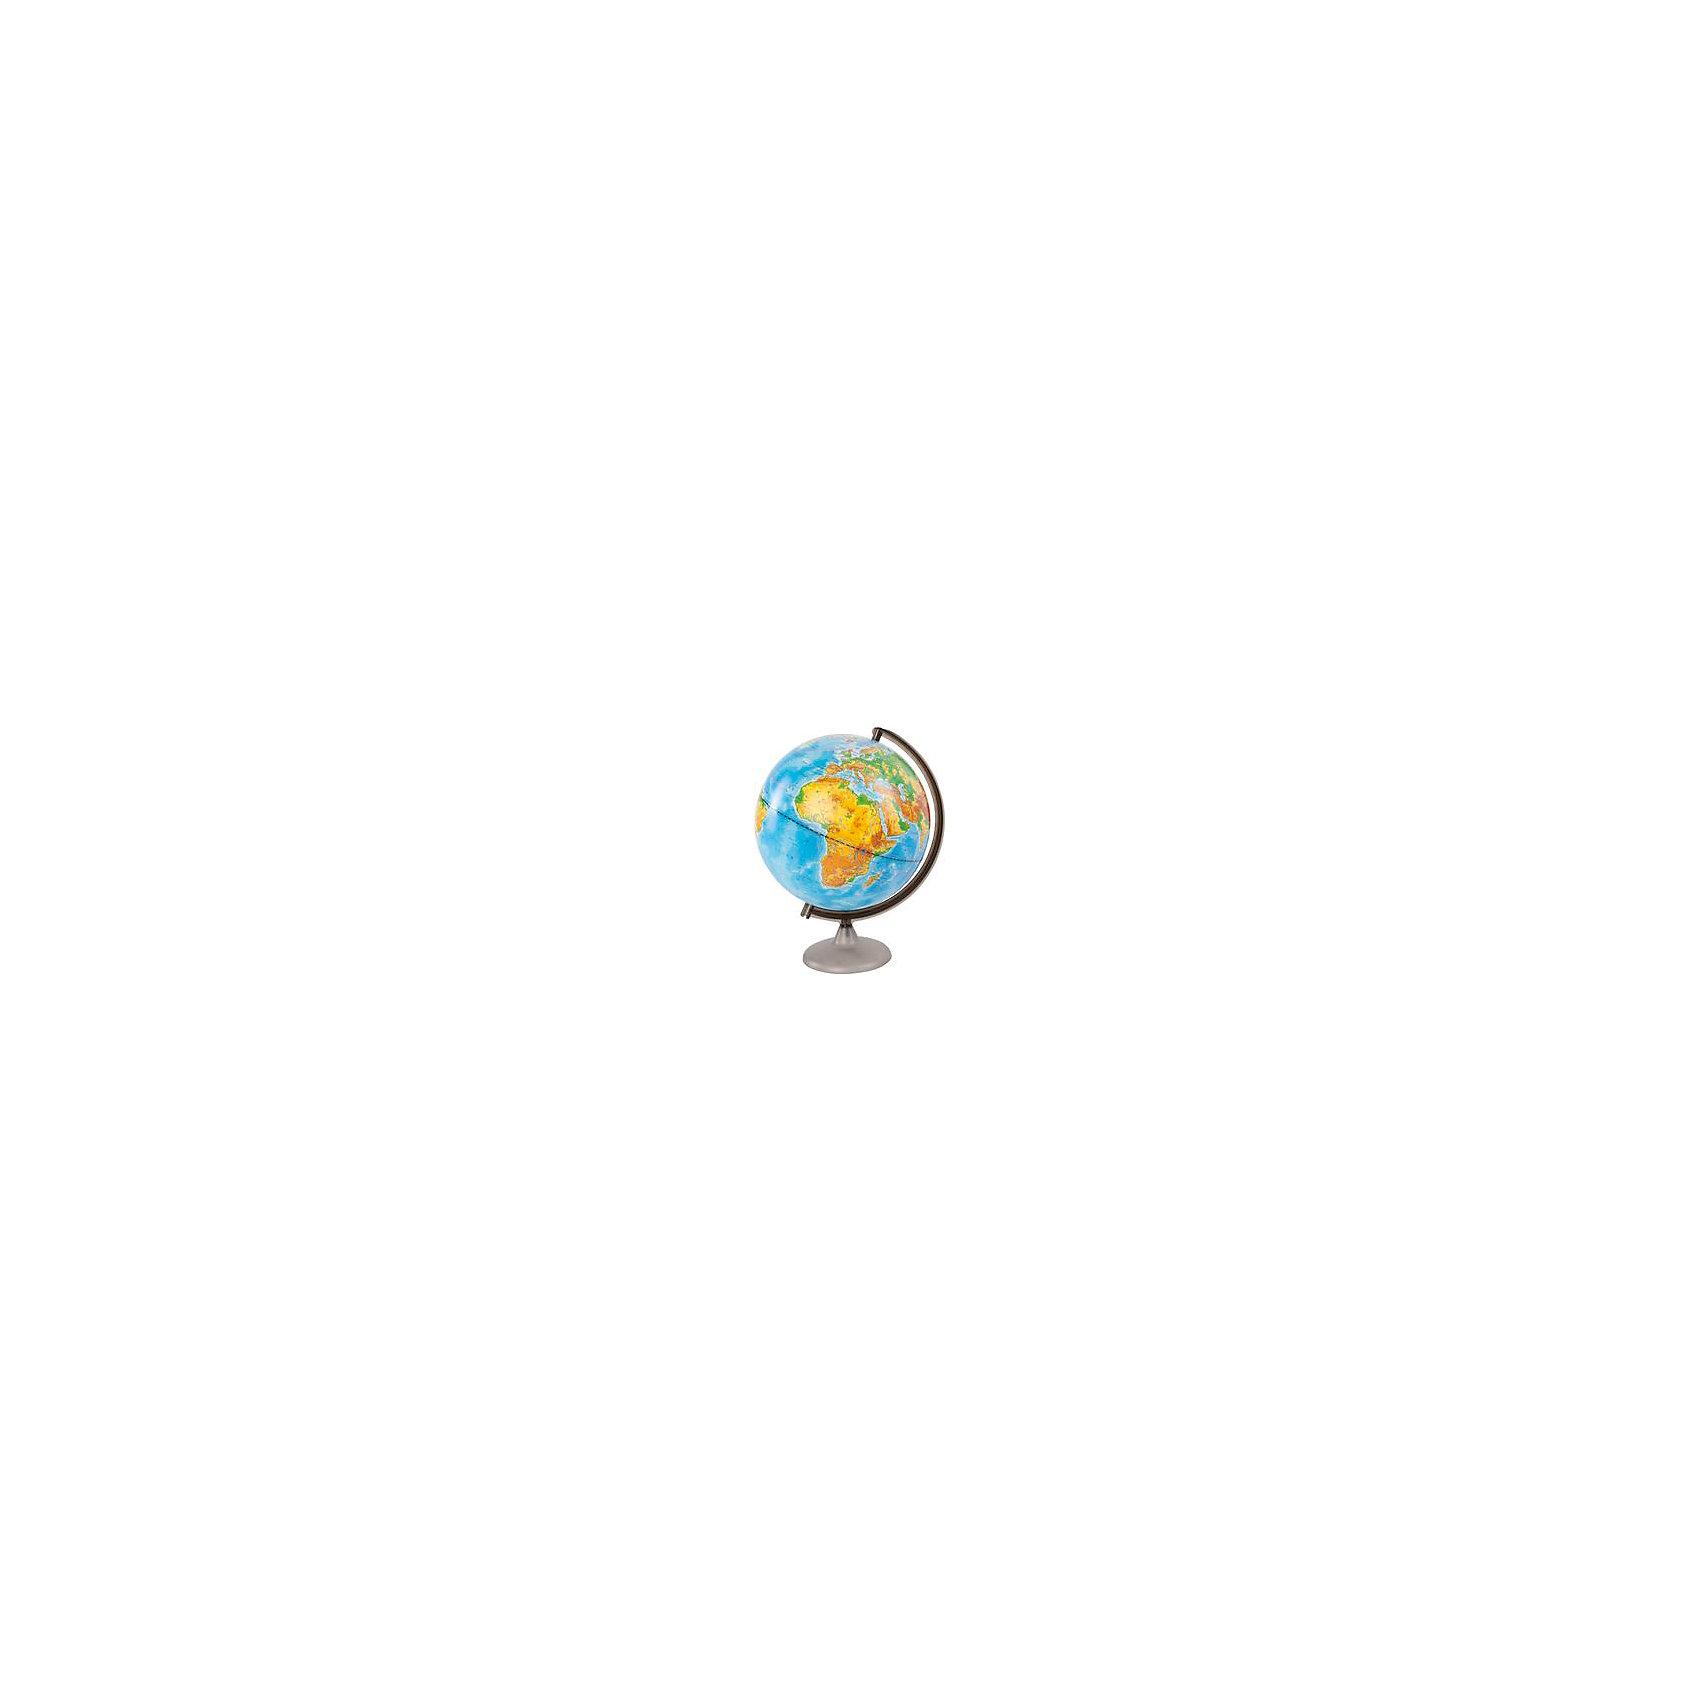 Глобус Земли физический, диаметр 320 ммГлобусы<br>Характеристики товара:<br><br>• возраст от 6 лет;<br>• материал: пластик;<br>• цвет подставки: чёрный<br>• диаметр глобуса 320 мм;<br>• масштаб 1:40000000;<br>• размер упаковки 34,5х32,1х31,2 см;<br>• вес упаковки 950 гр.;<br>• страна производитель: Россия.<br><br>Глобус Земли физический 320 мм Глобусный мир — уменьшенная копия нашей планеты. Глобус станет отличным дополнением во время изучения географии для школьника или студента. На нем можно найти расположение стран и их столиц, а также поближе познакомиться с рельефом и строением нашей планеты. На нем нанесены материки, океаны и моря, острова, глубоководные впадины, горы и возвышенности.<br><br>Глобус Земли физический 320 мм Глобусный мир можно приобрести в нашем интернет-магазине.<br><br>Ширина мм: 312<br>Глубина мм: 321<br>Высота мм: 345<br>Вес г: 950<br>Возраст от месяцев: 72<br>Возраст до месяцев: 2147483647<br>Пол: Унисекс<br>Возраст: Детский<br>SKU: 5518207